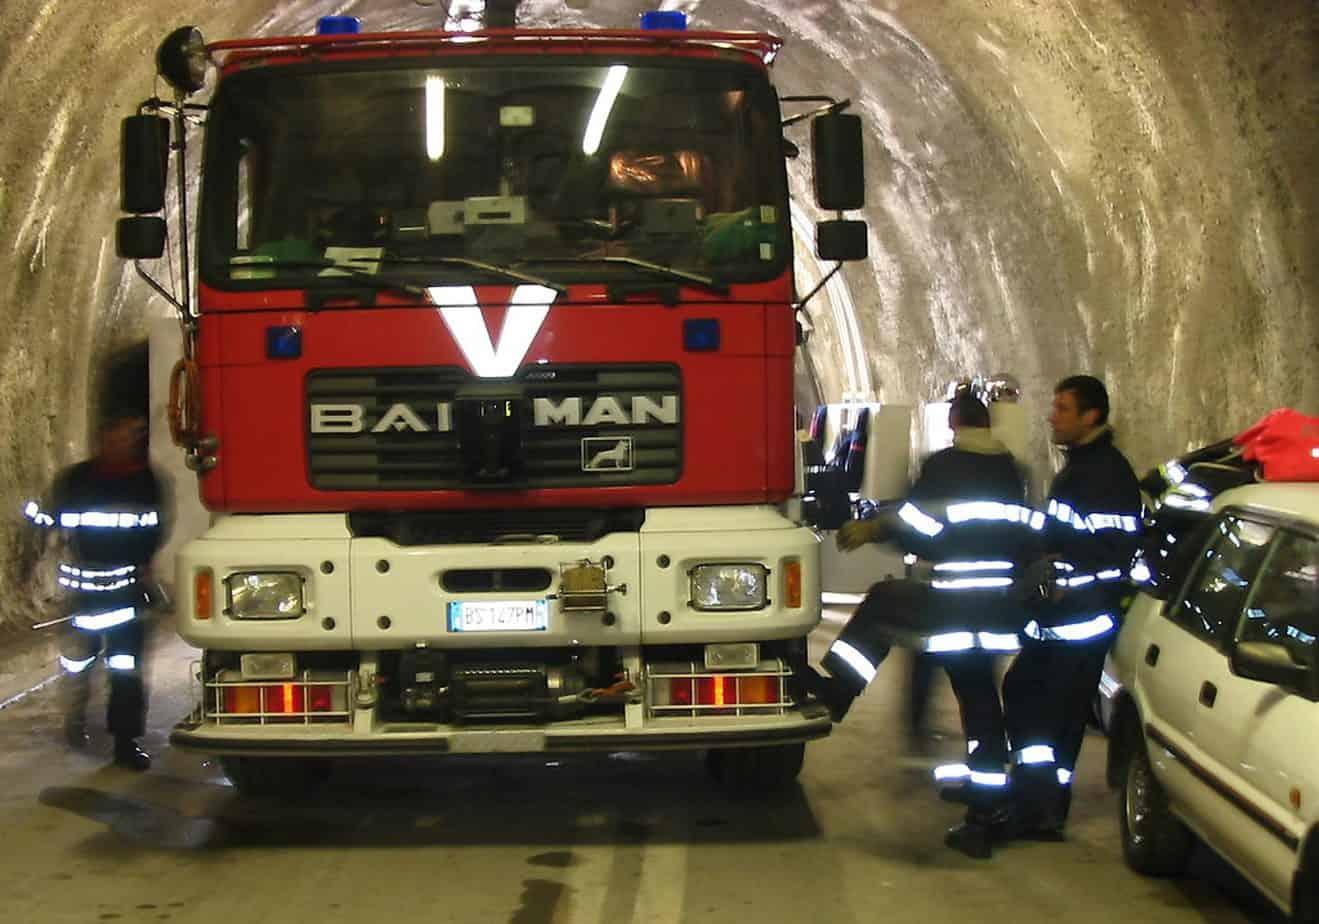 I mezzi di soccorso ai veicoli incendiati all'interno del Traforo del Monte Bianco